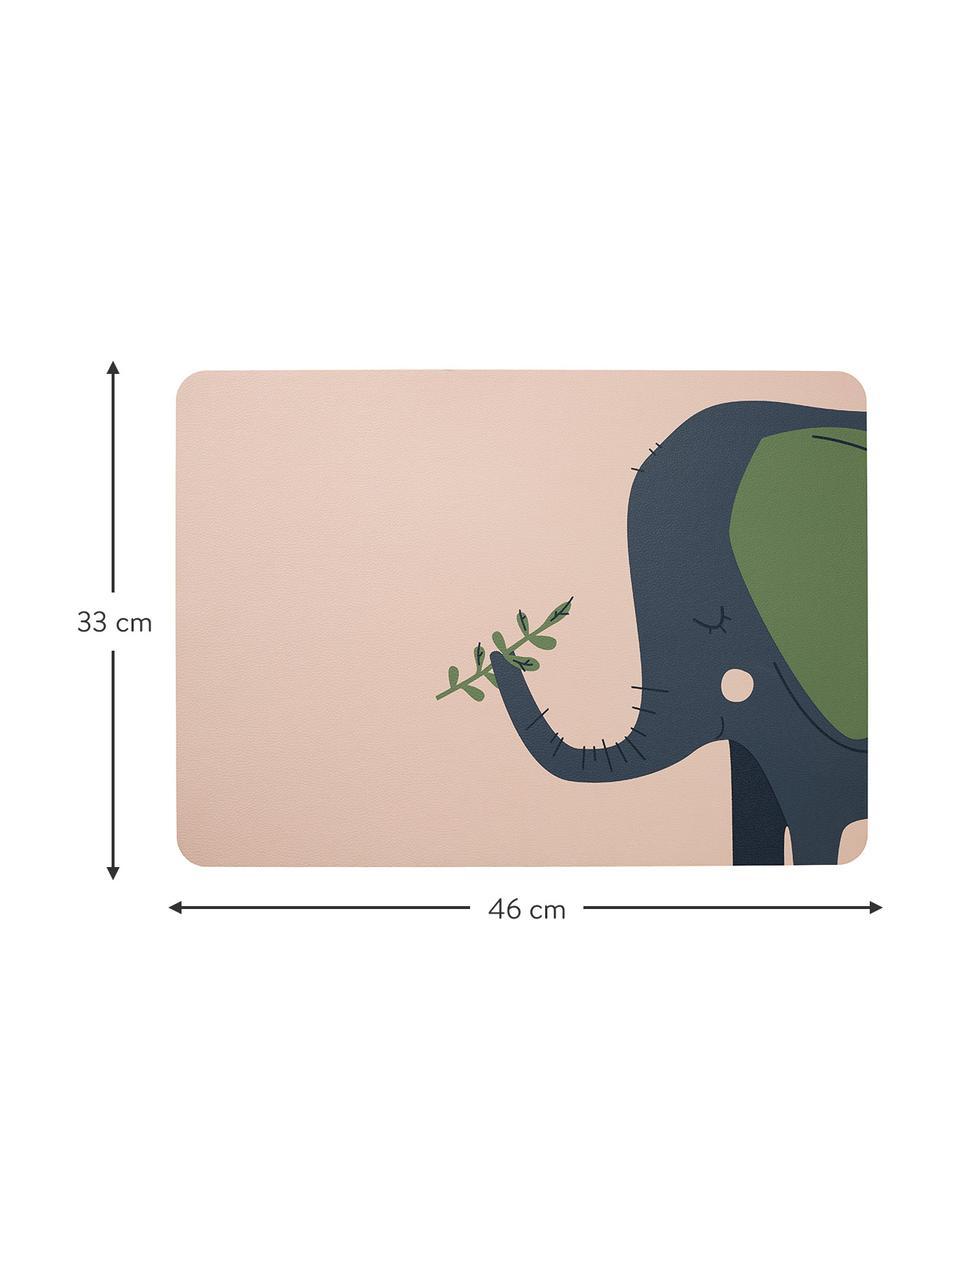 Tischset Leo Emma Elefant, 2 Stück, PVC mit Lederoptik, Hellrosa, Blau, Grün, 33 x 46 cm